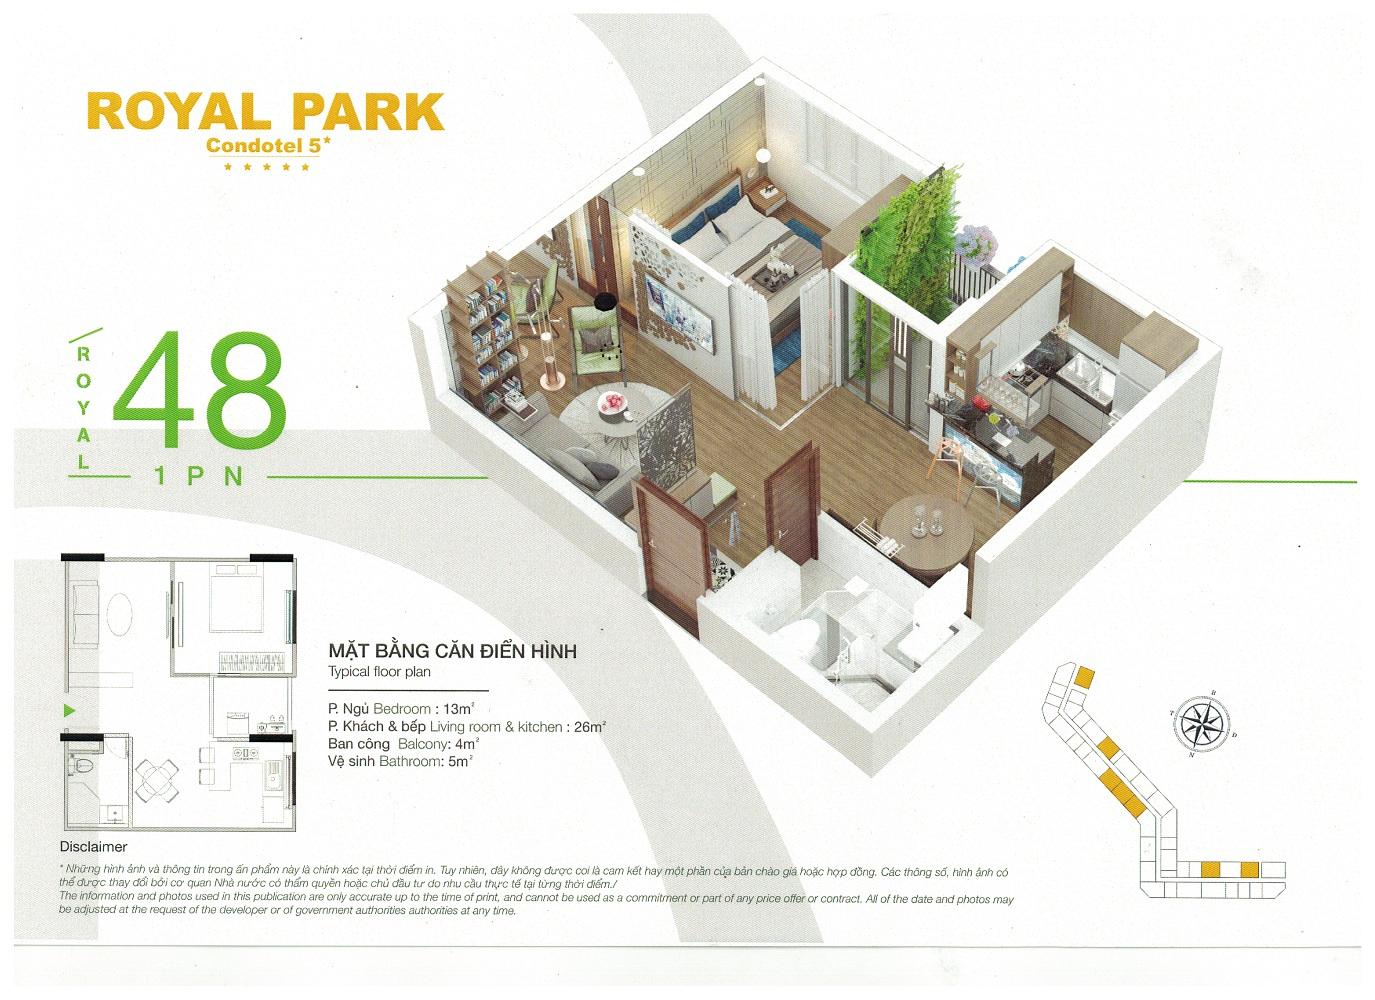 Thiết kế mặt bằng căn hộ khách sạn nghỉ dưỡng Royal Park Bắc Ninh 48m2